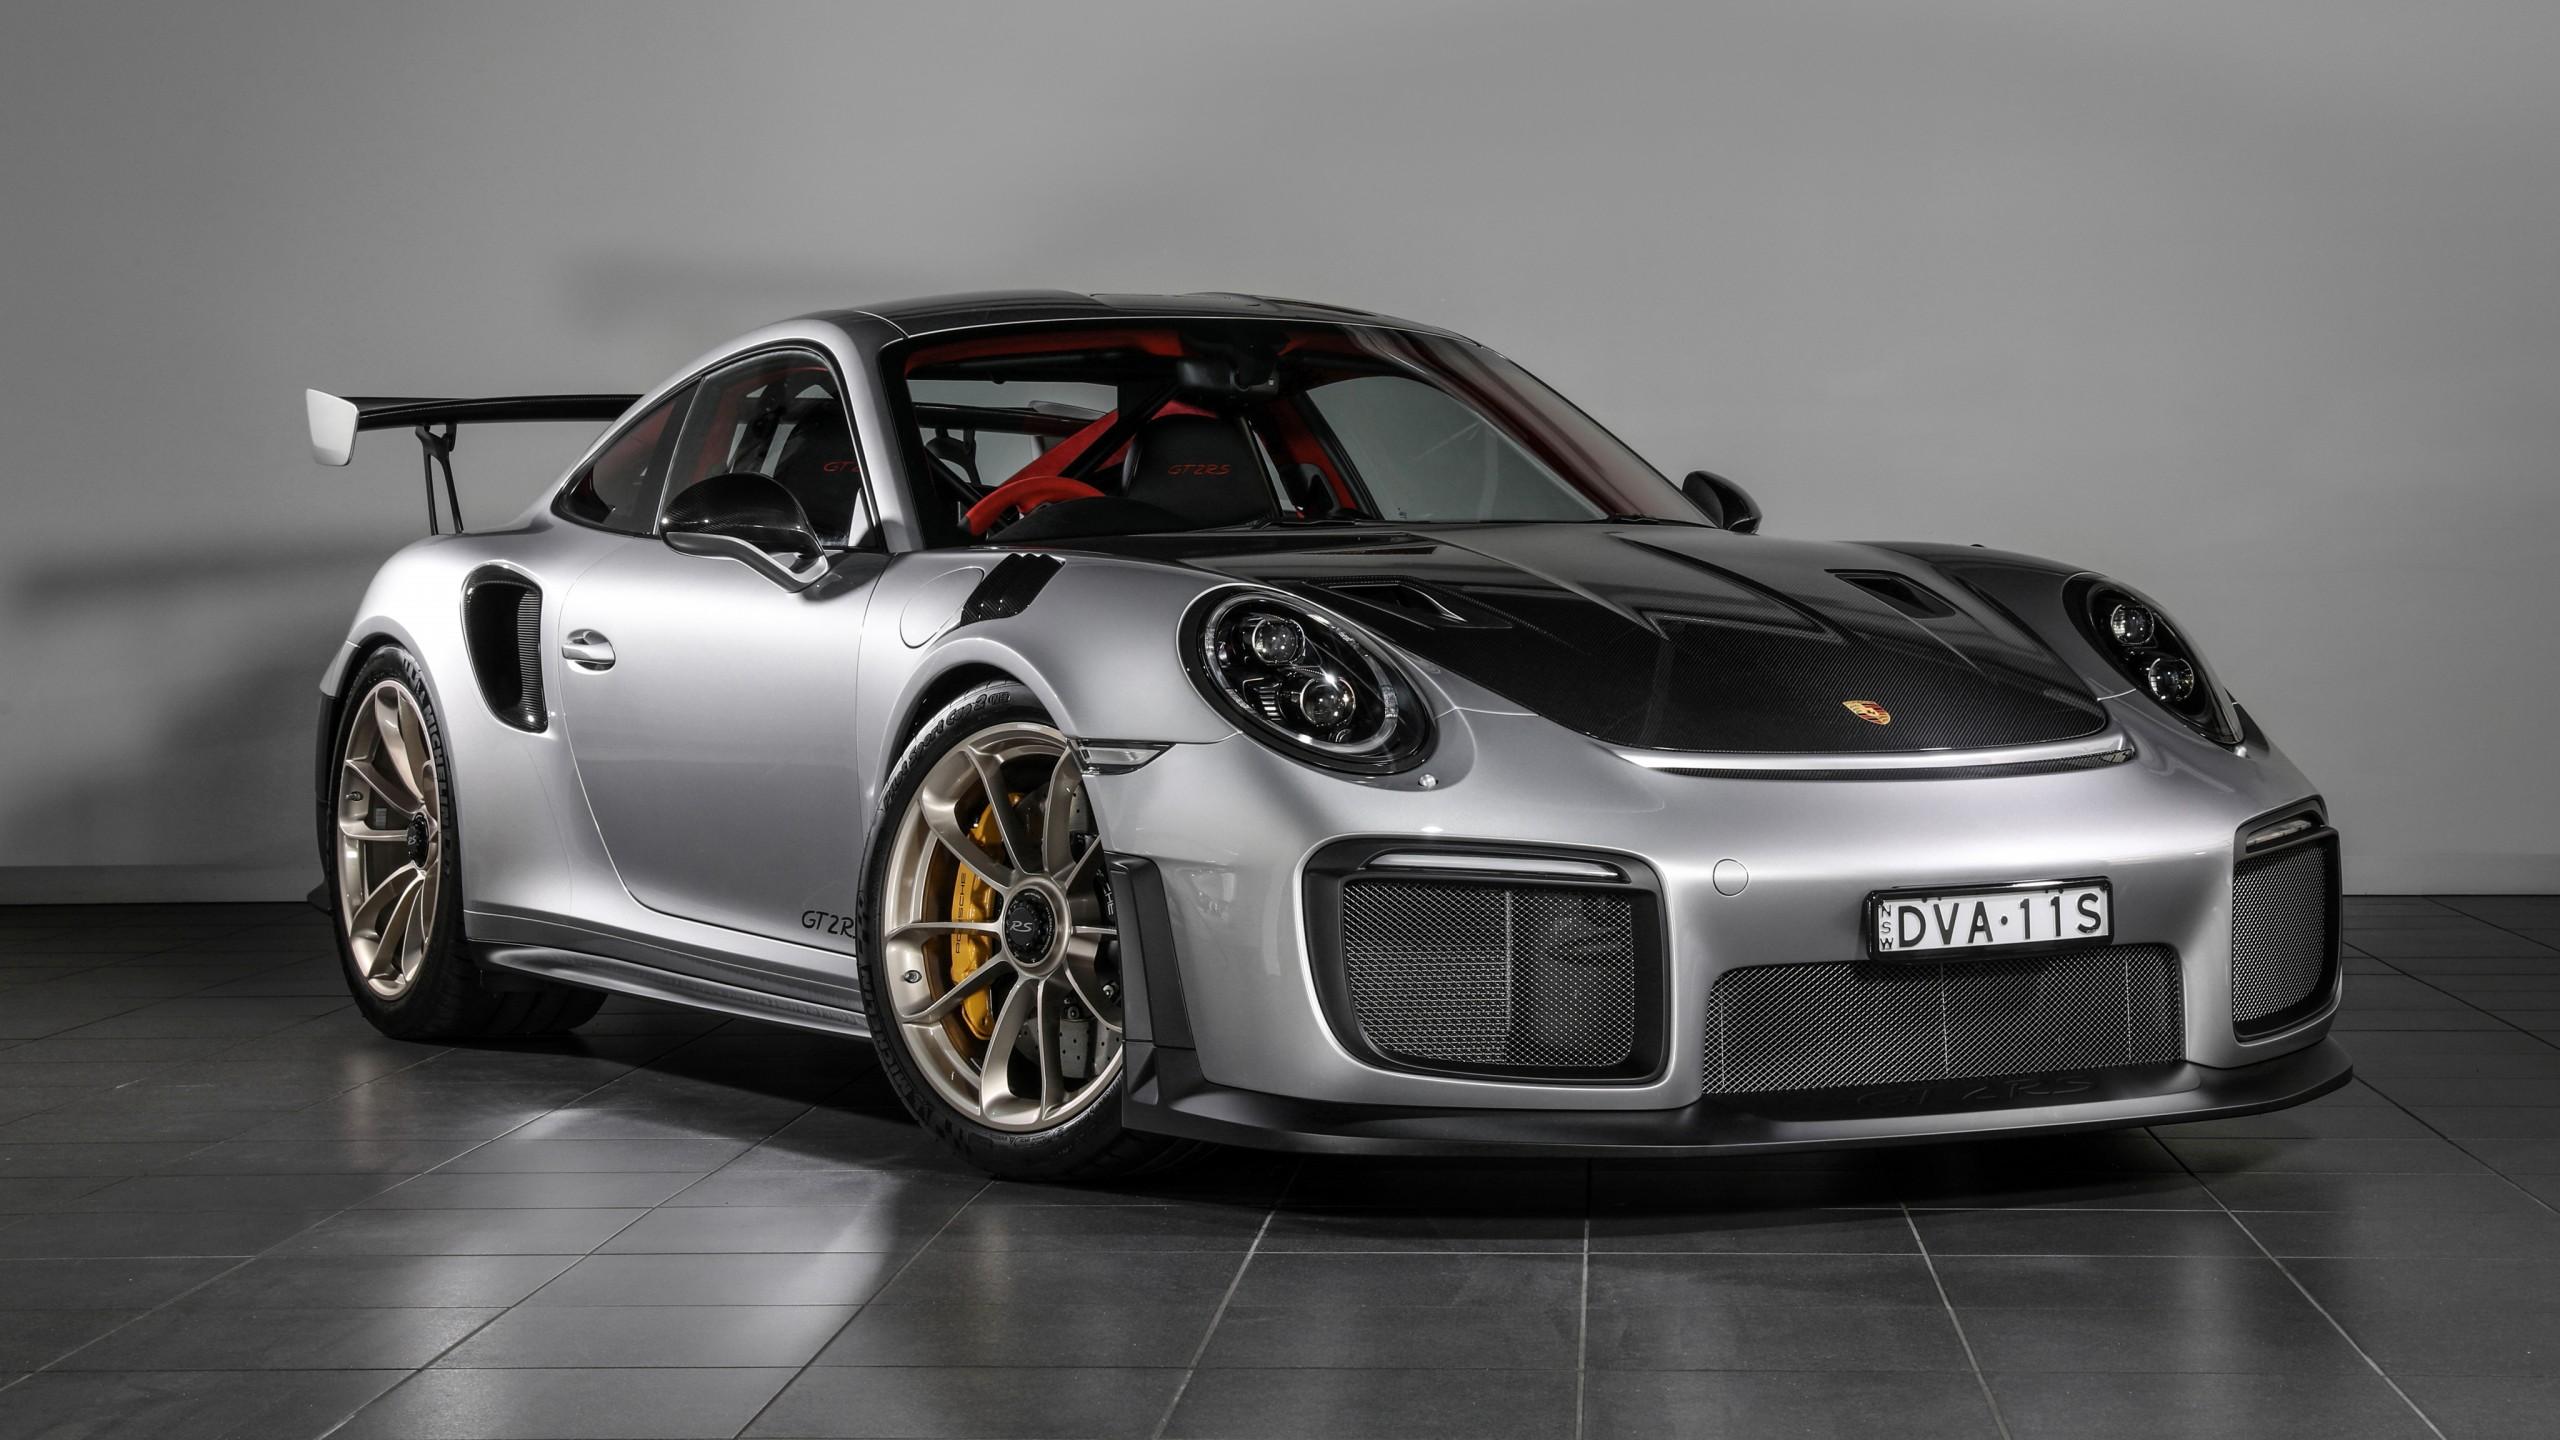 2018 porsche 911 gt2 rs 4k wallpaper | hd car wallpapers | id #10096